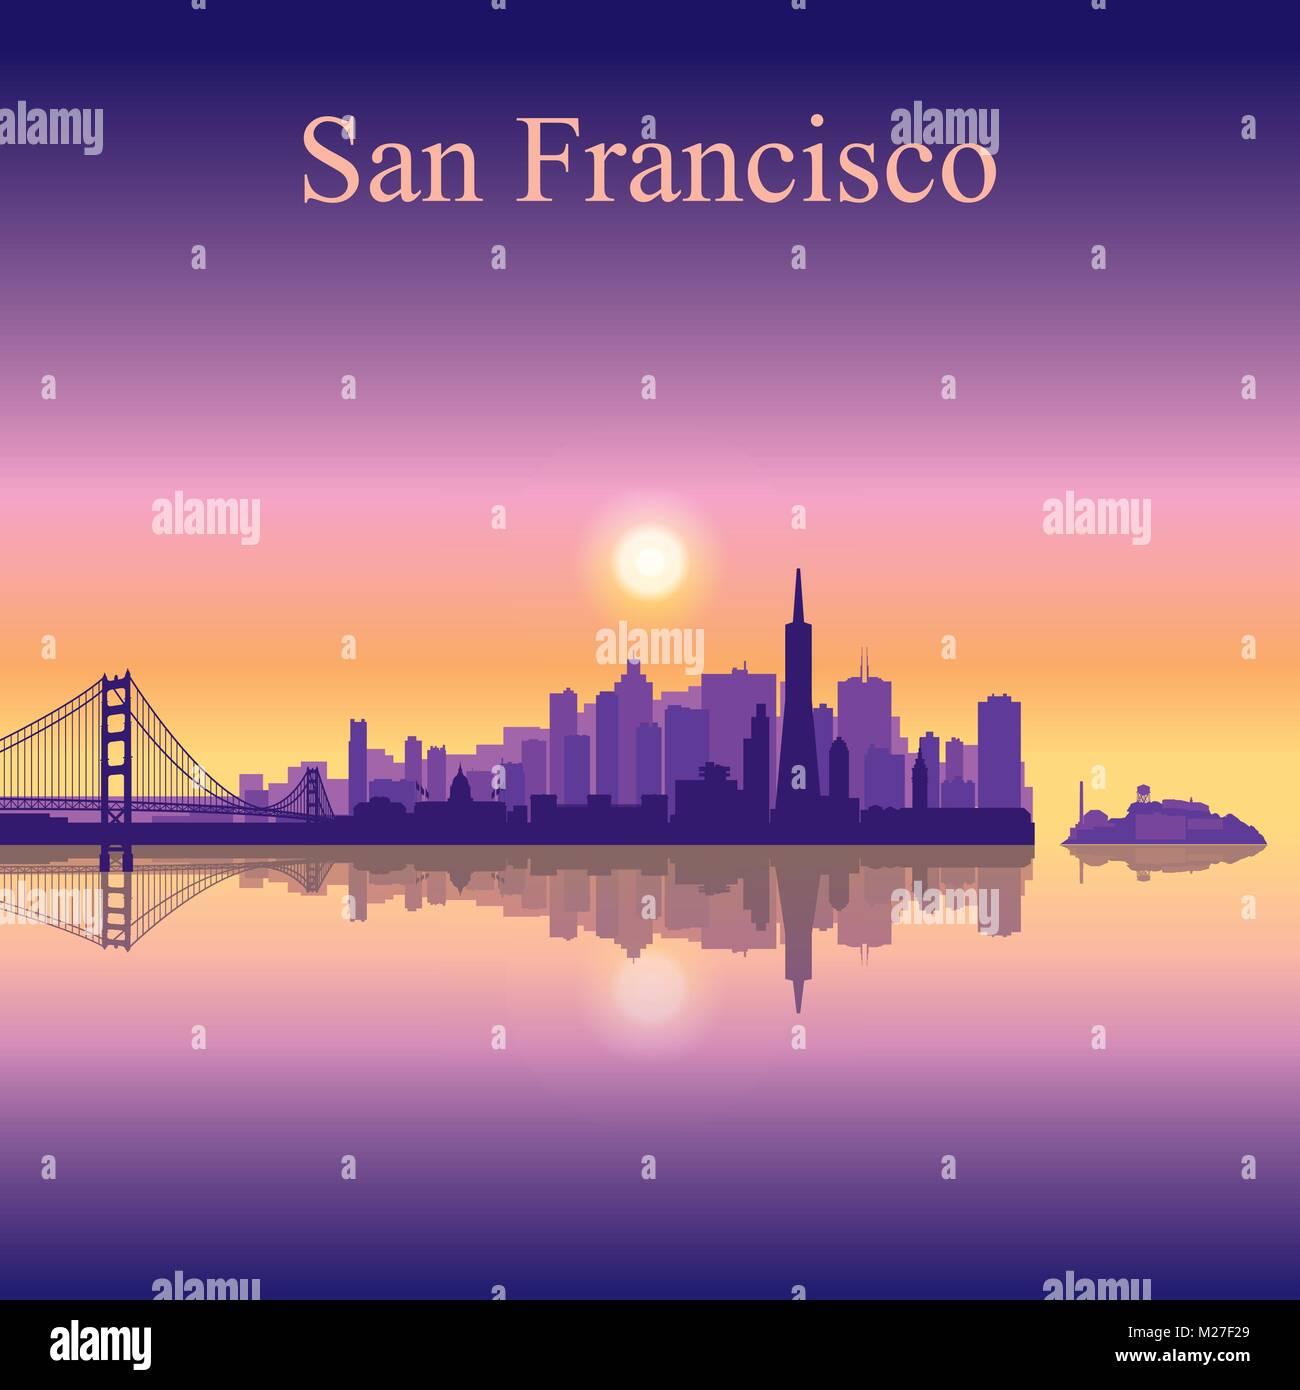 La silueta del horizonte de la ciudad de San Francisco de fondo, ilustración vectorial Imagen De Stock